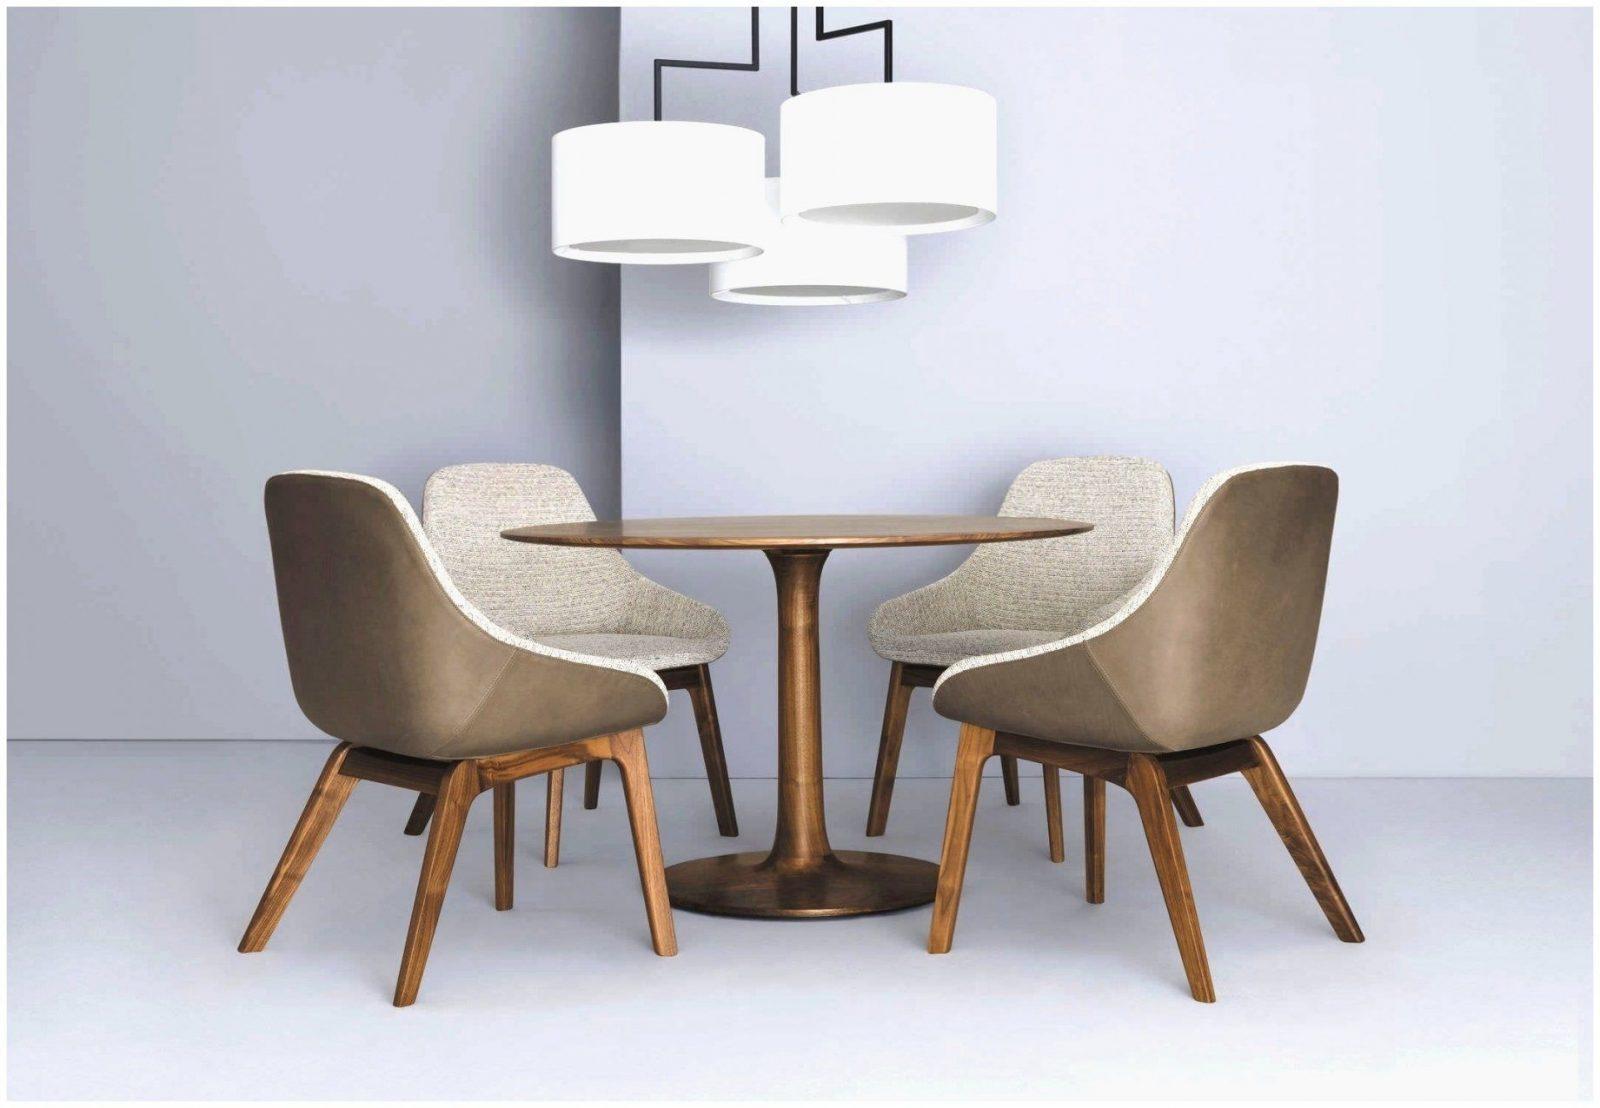 Einzigartig Gastronomie Gebrauchte Tische Und Stühle Galerie Der von Tische Und Stühle Für Gastronomie Gebraucht Photo